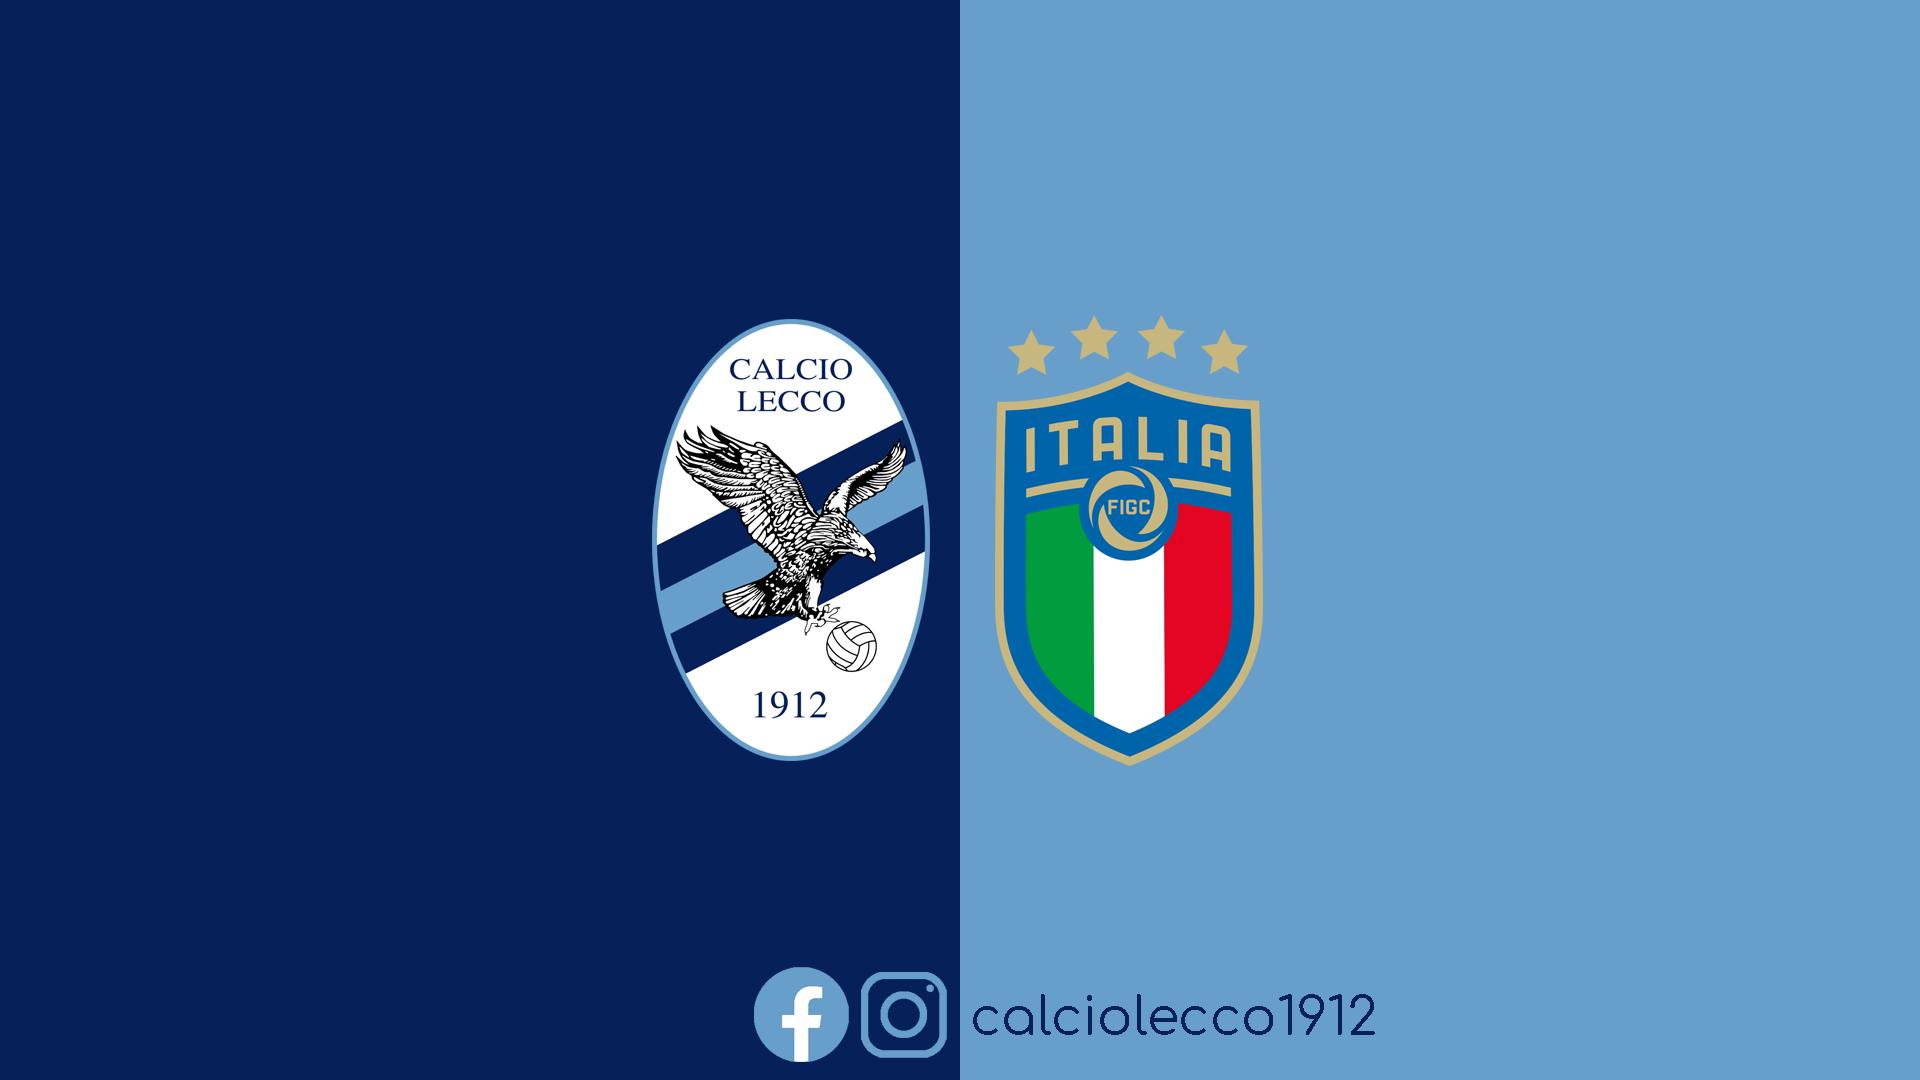 Calendario Allievi Lega Pro.Calcio Lecco 1912 Settore Giovanile Calcio Lecco 1912